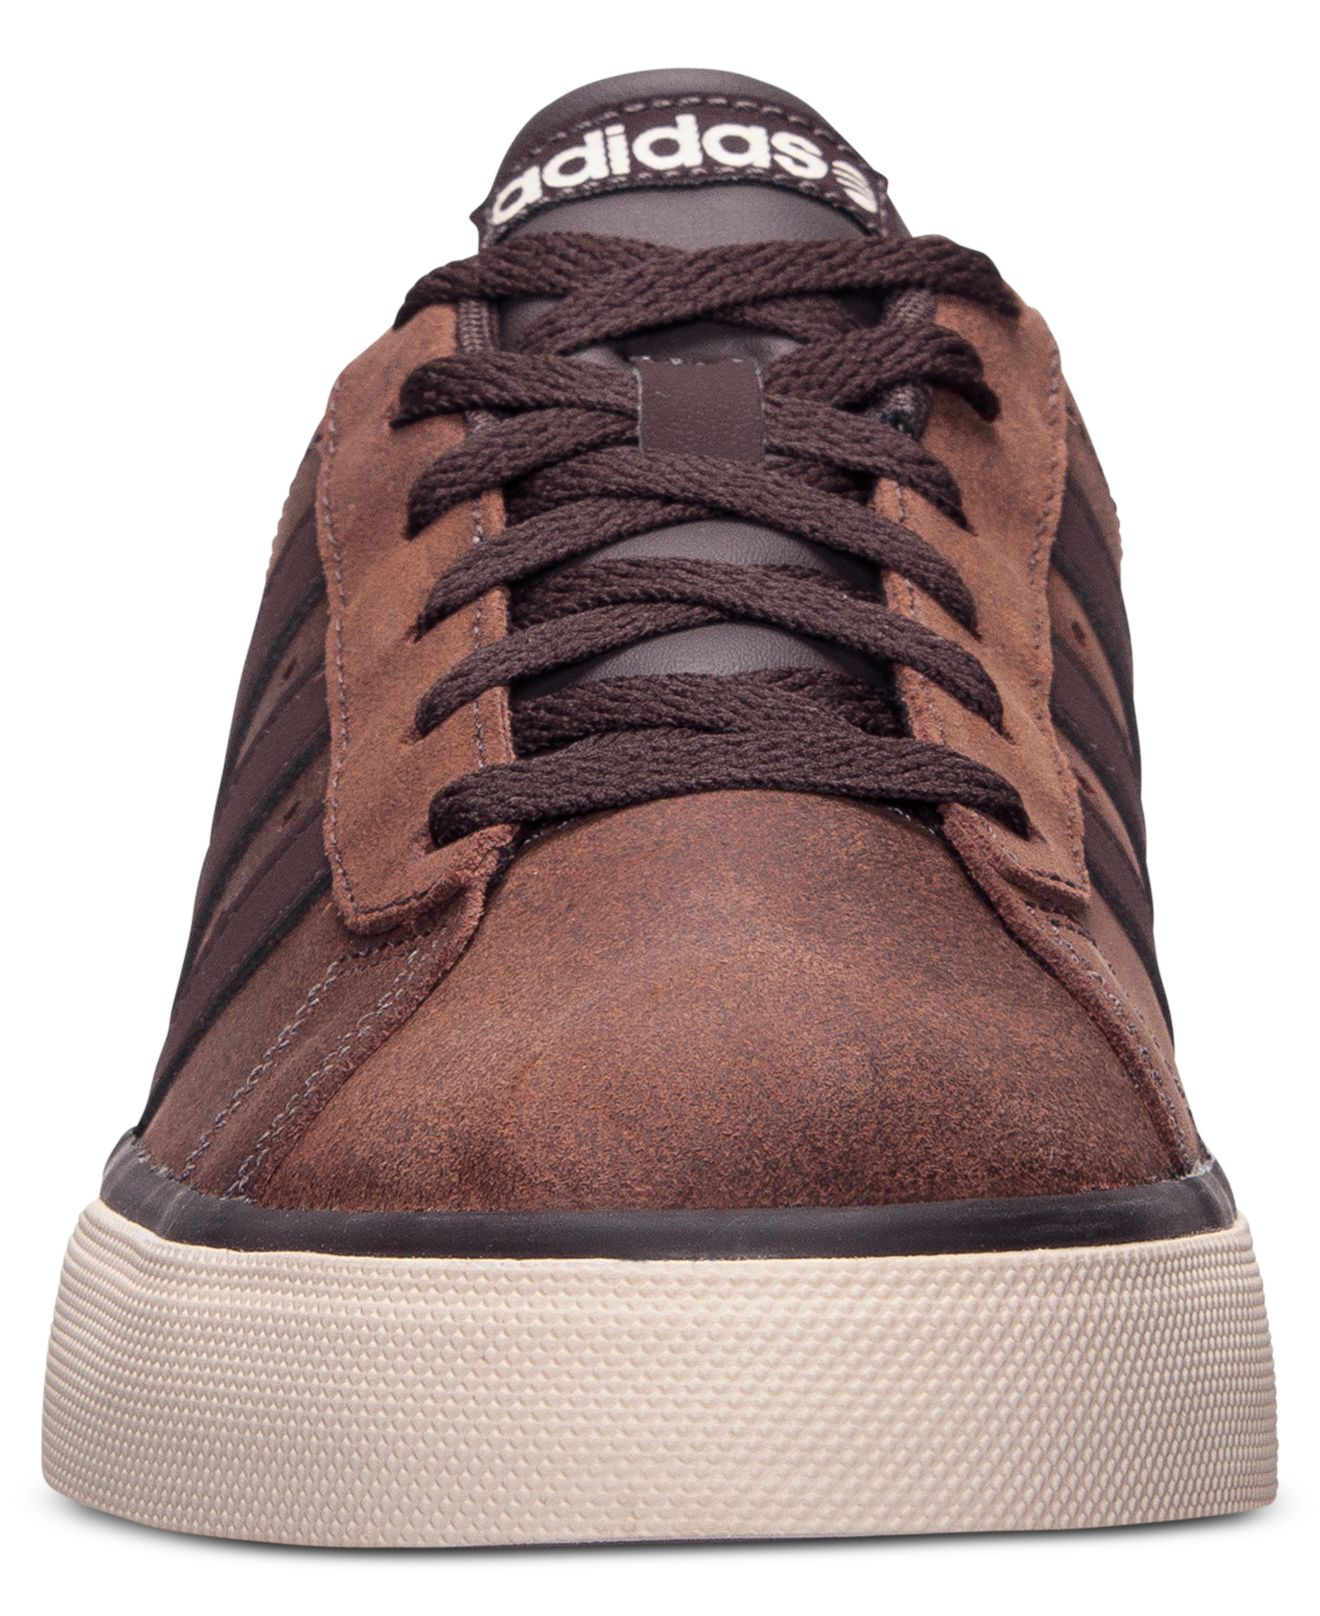 Adidas 15350 Men Zapatillas S Neo Daily Vulc Canvas Casual Zapatillas Casual de la línea de llegada edb5c38 - grind.website